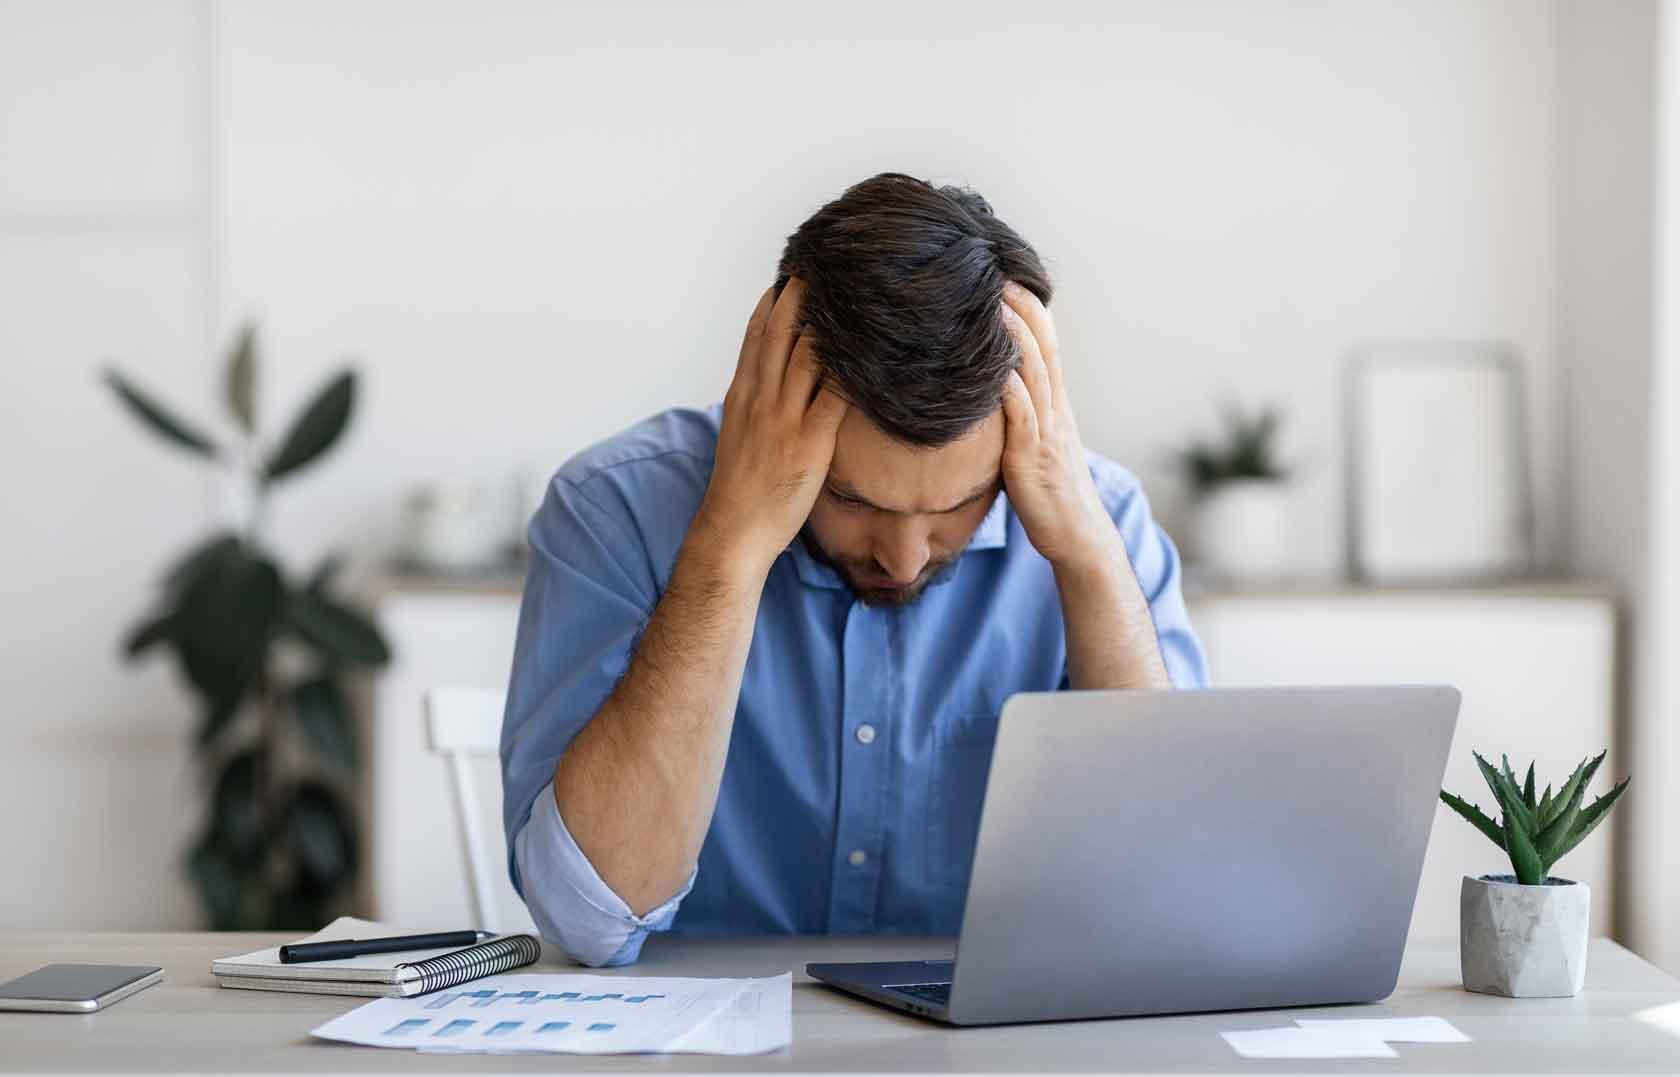 Vorfälligkeitsentschädigung -Quatriga-21.de - Hife bei Kreditkündigung-Zwangsversteigerung und Insolvenz